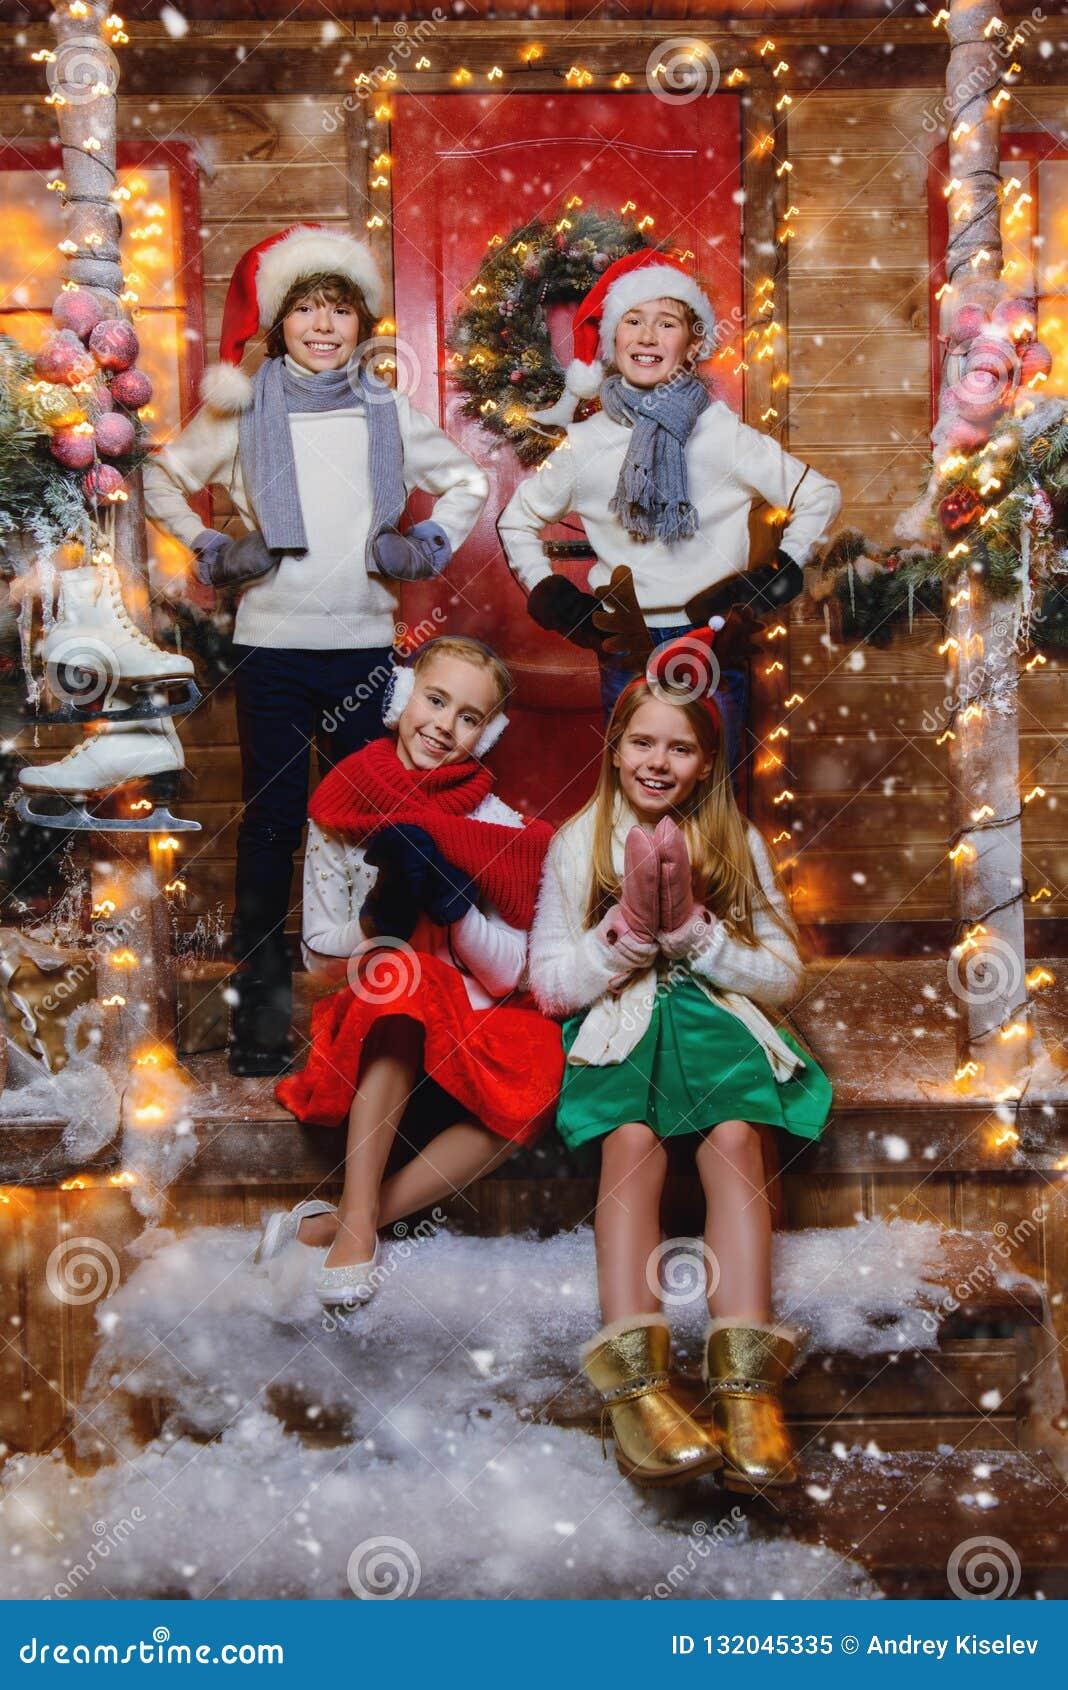 Four cheerful children